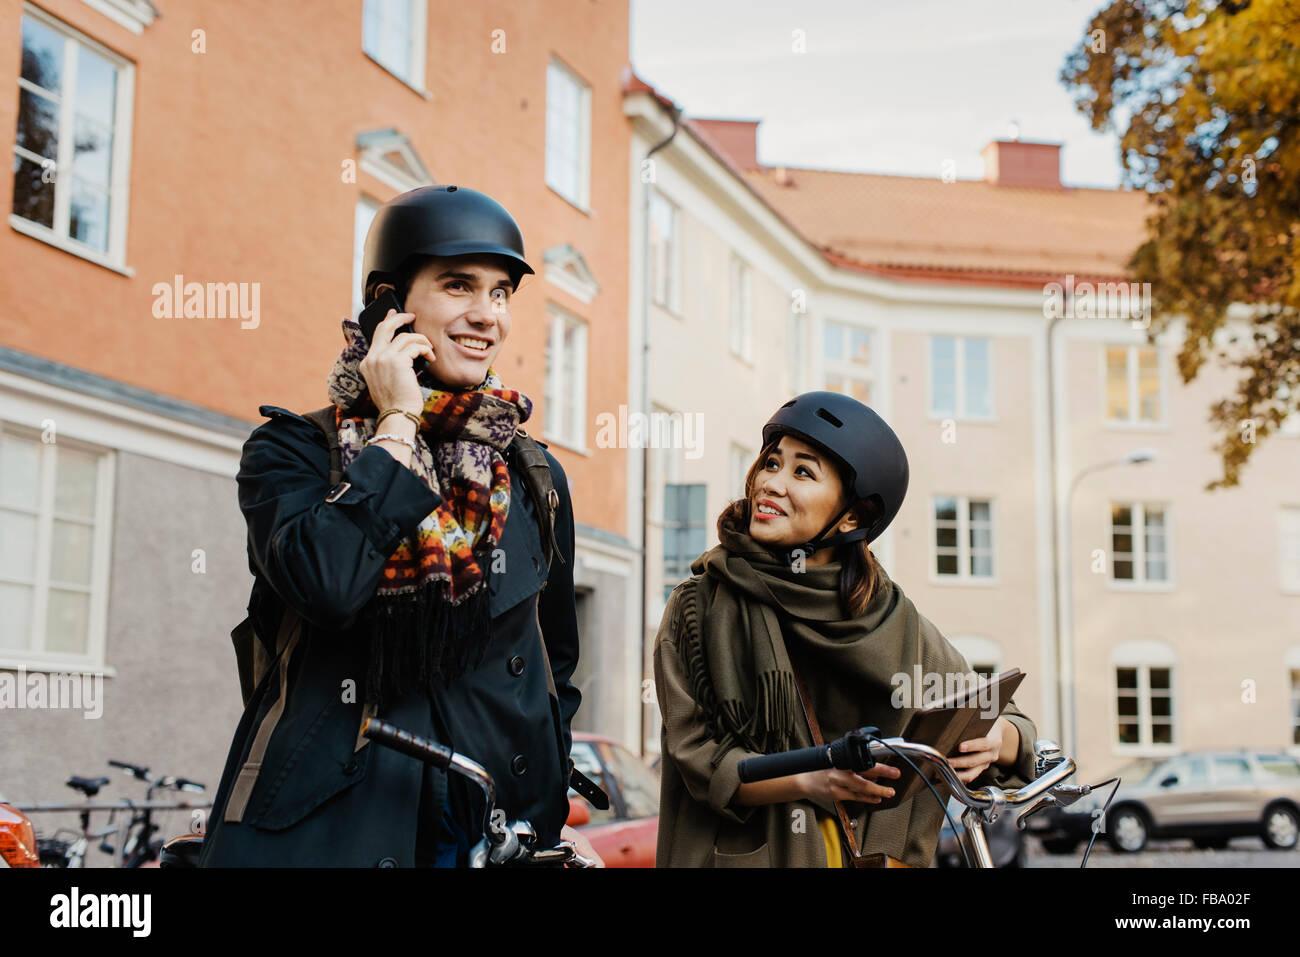 Schweden, Uppland, Stockholm, Vasastan, Rodabergsbrinken, zwei Menschen stehen mit Fahrrädern im freien Stockbild